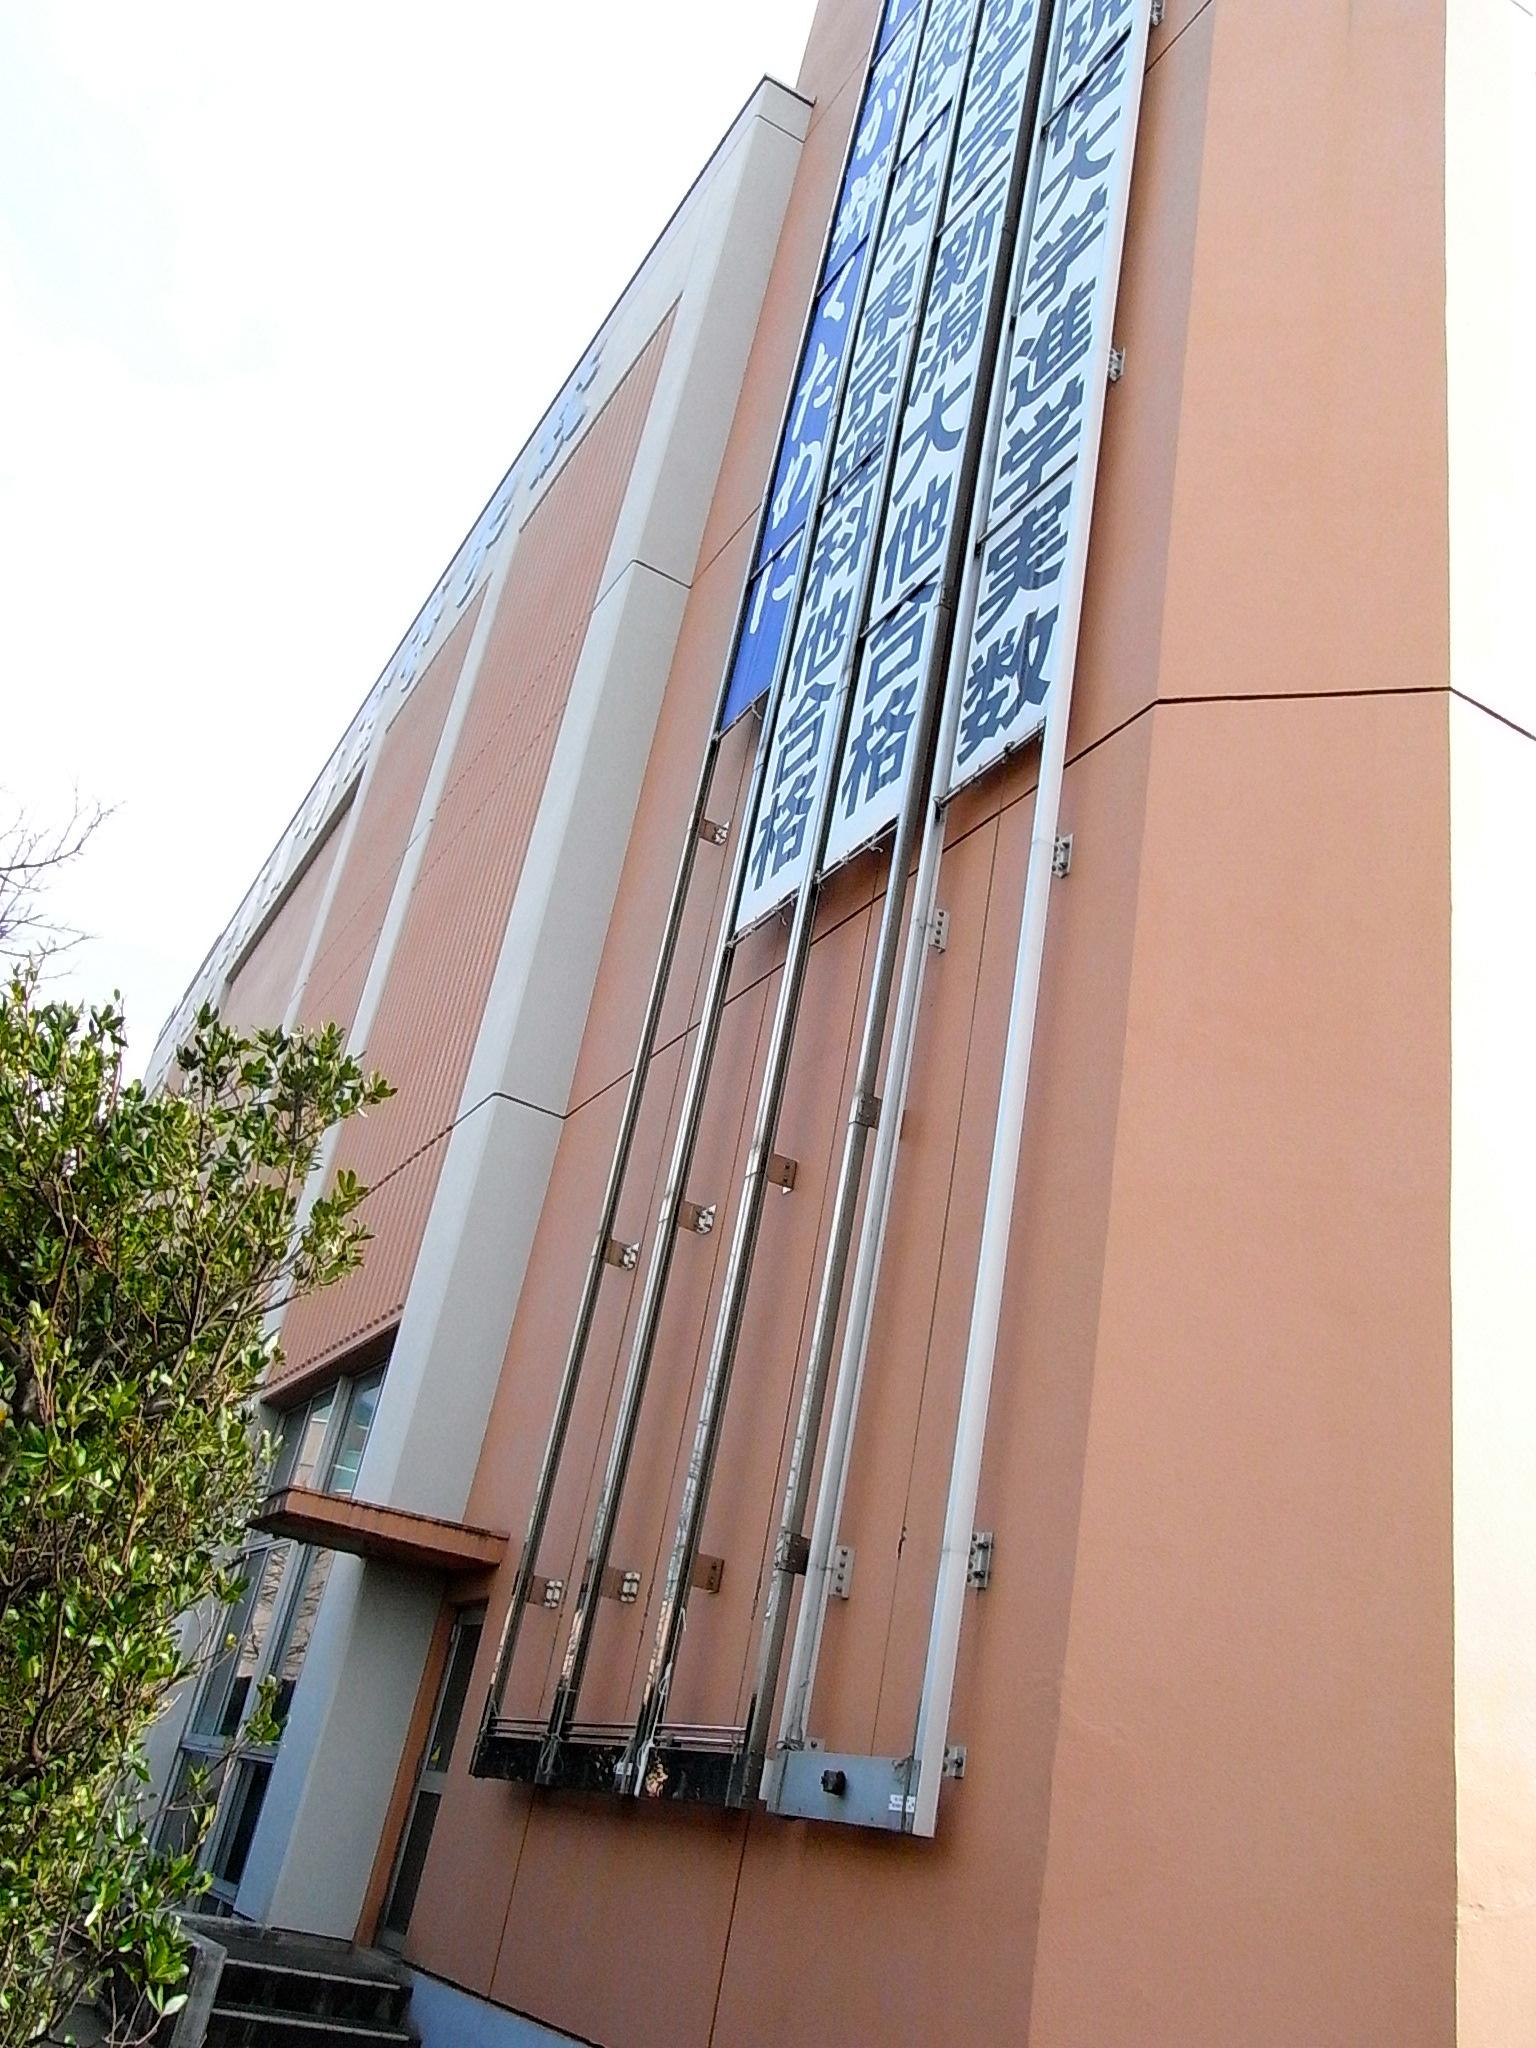 懸垂幕装置